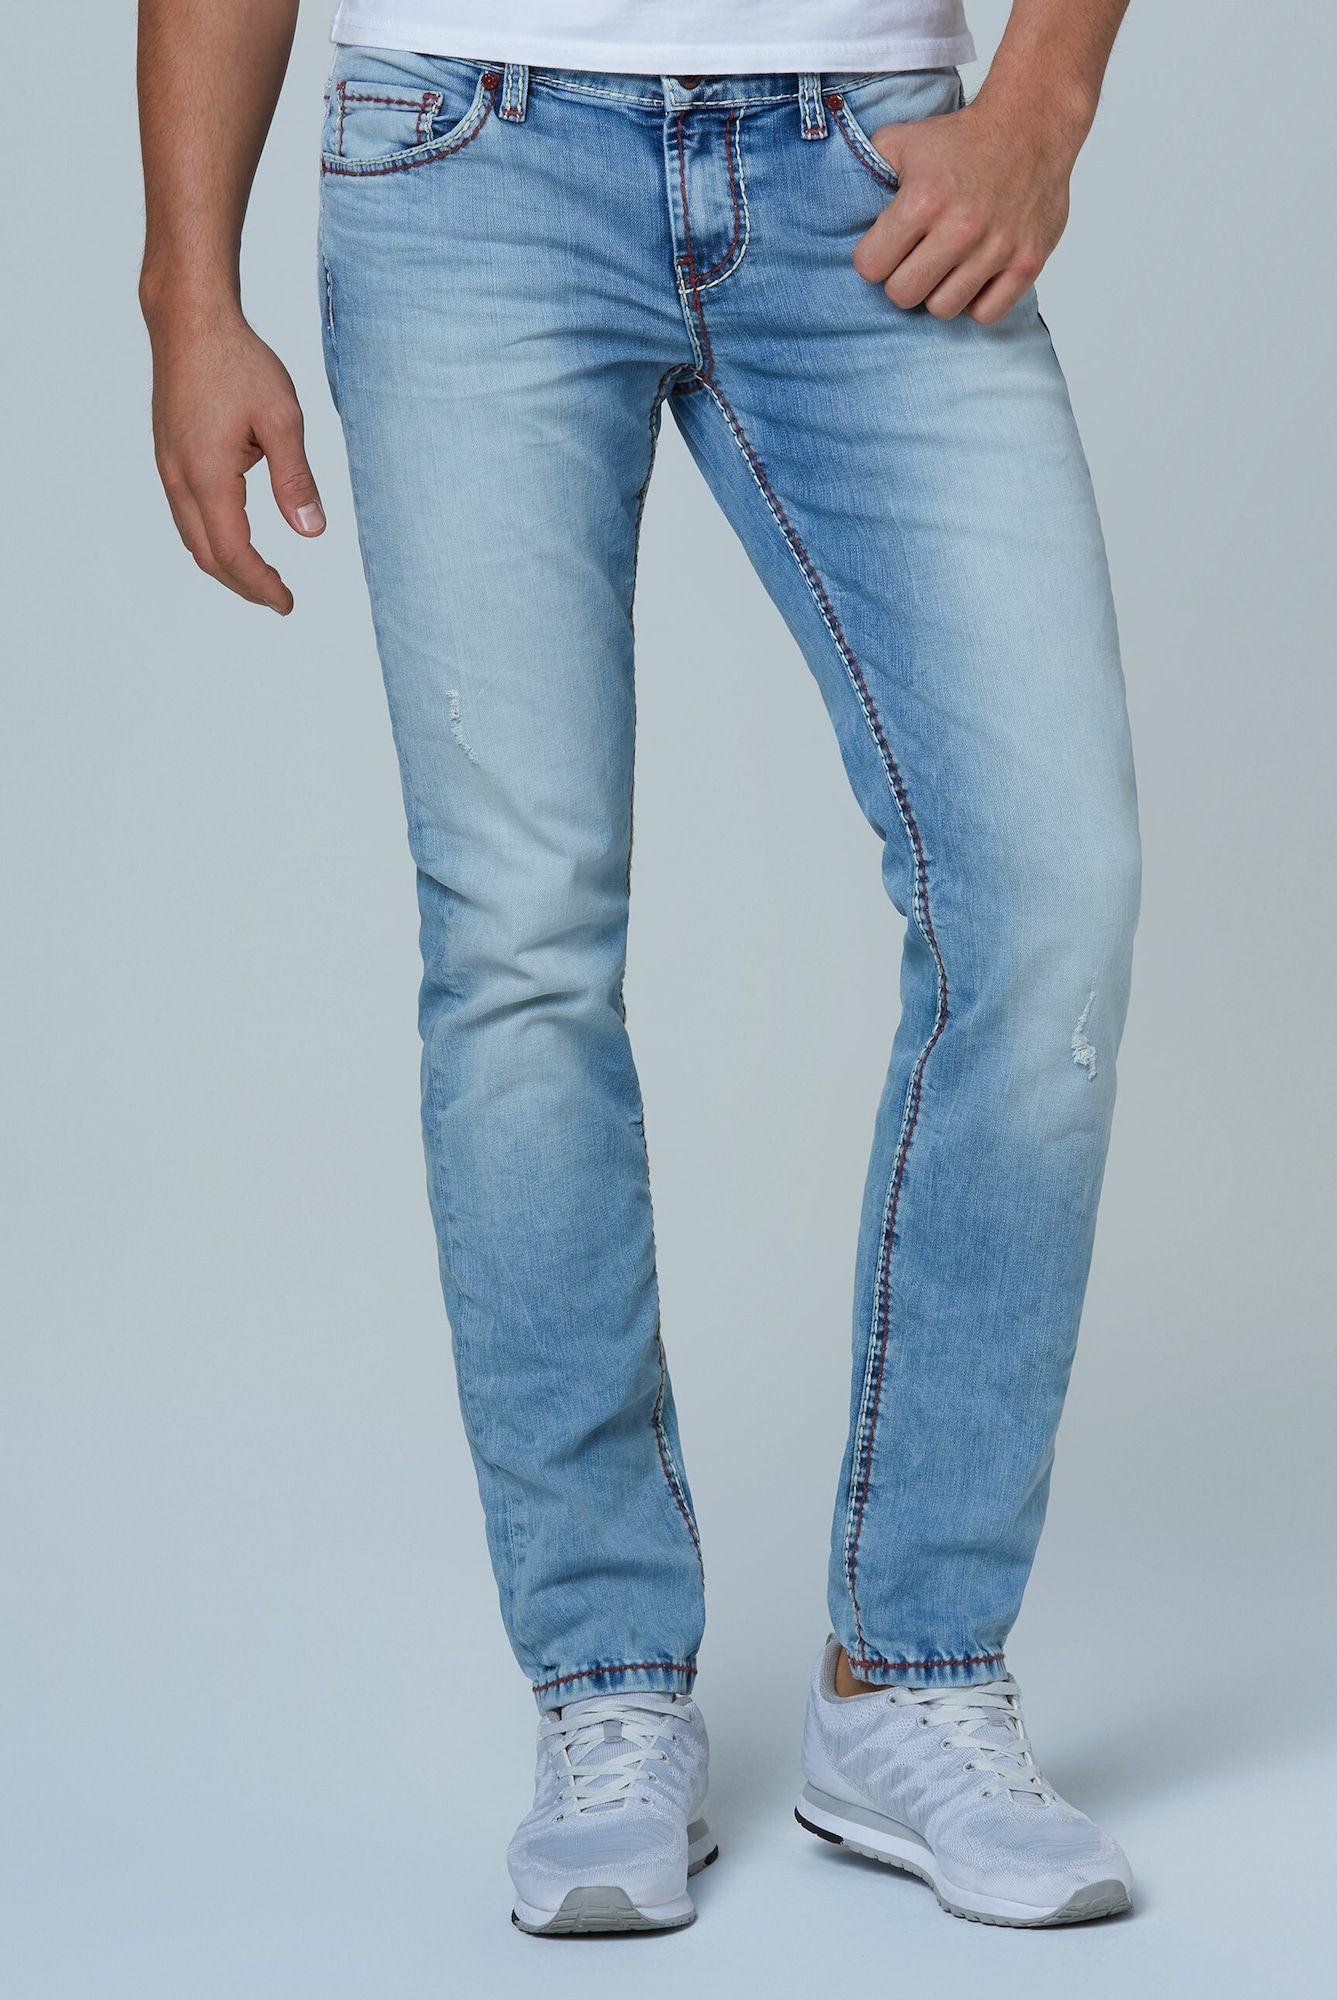 Camp David Jeans Br Ad Herren Blue Denim Grosse 34 In 2020 Jeans Aktuelle Trends Und Herrin